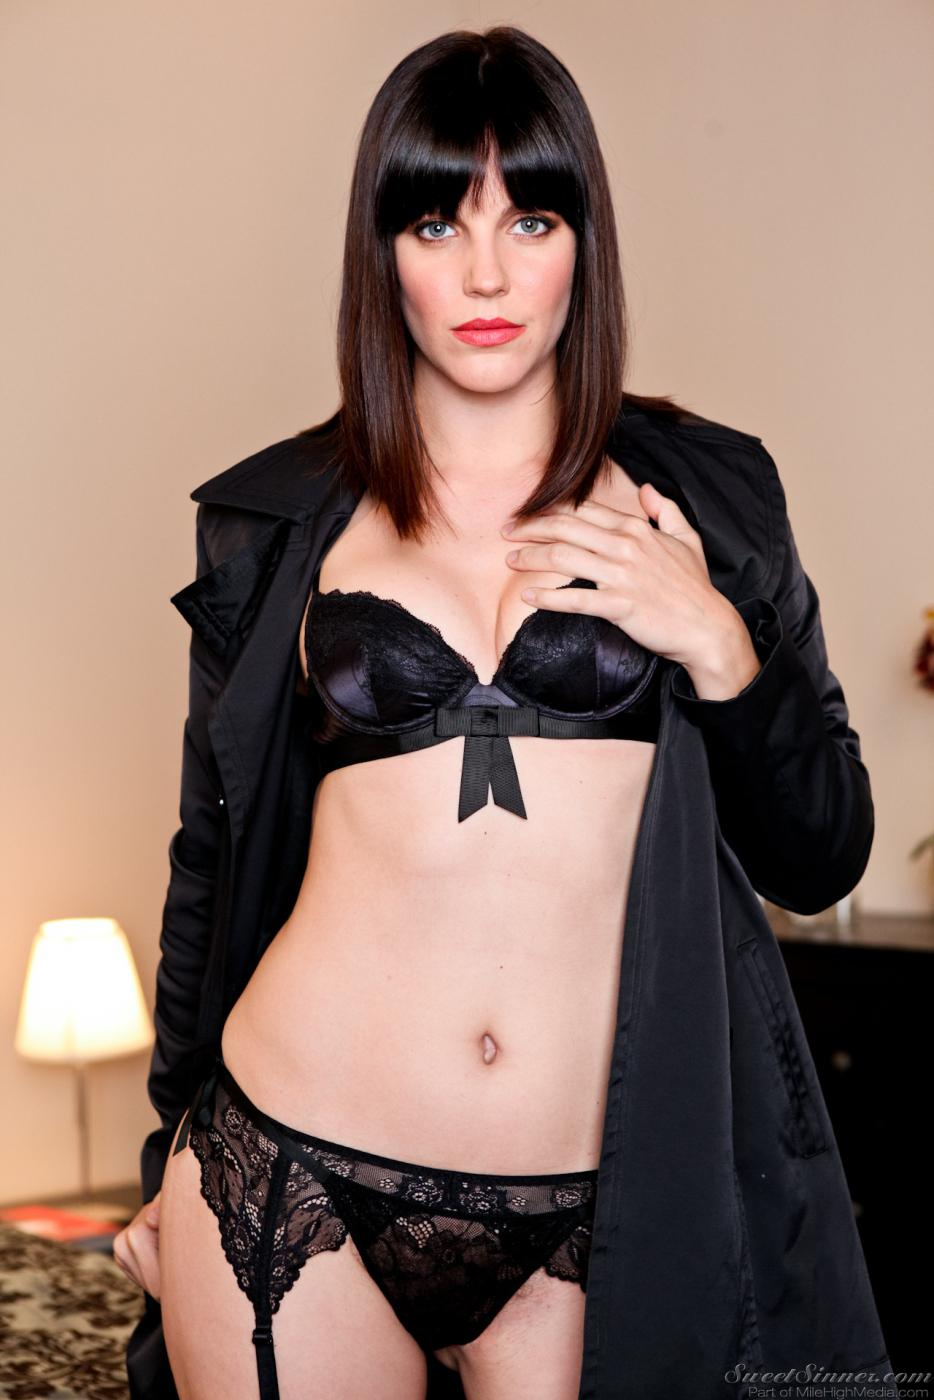 Идеальная модель с темными волосами Бобби Старр ничего не отдела на себя кроме черного нижнего белья под пальто